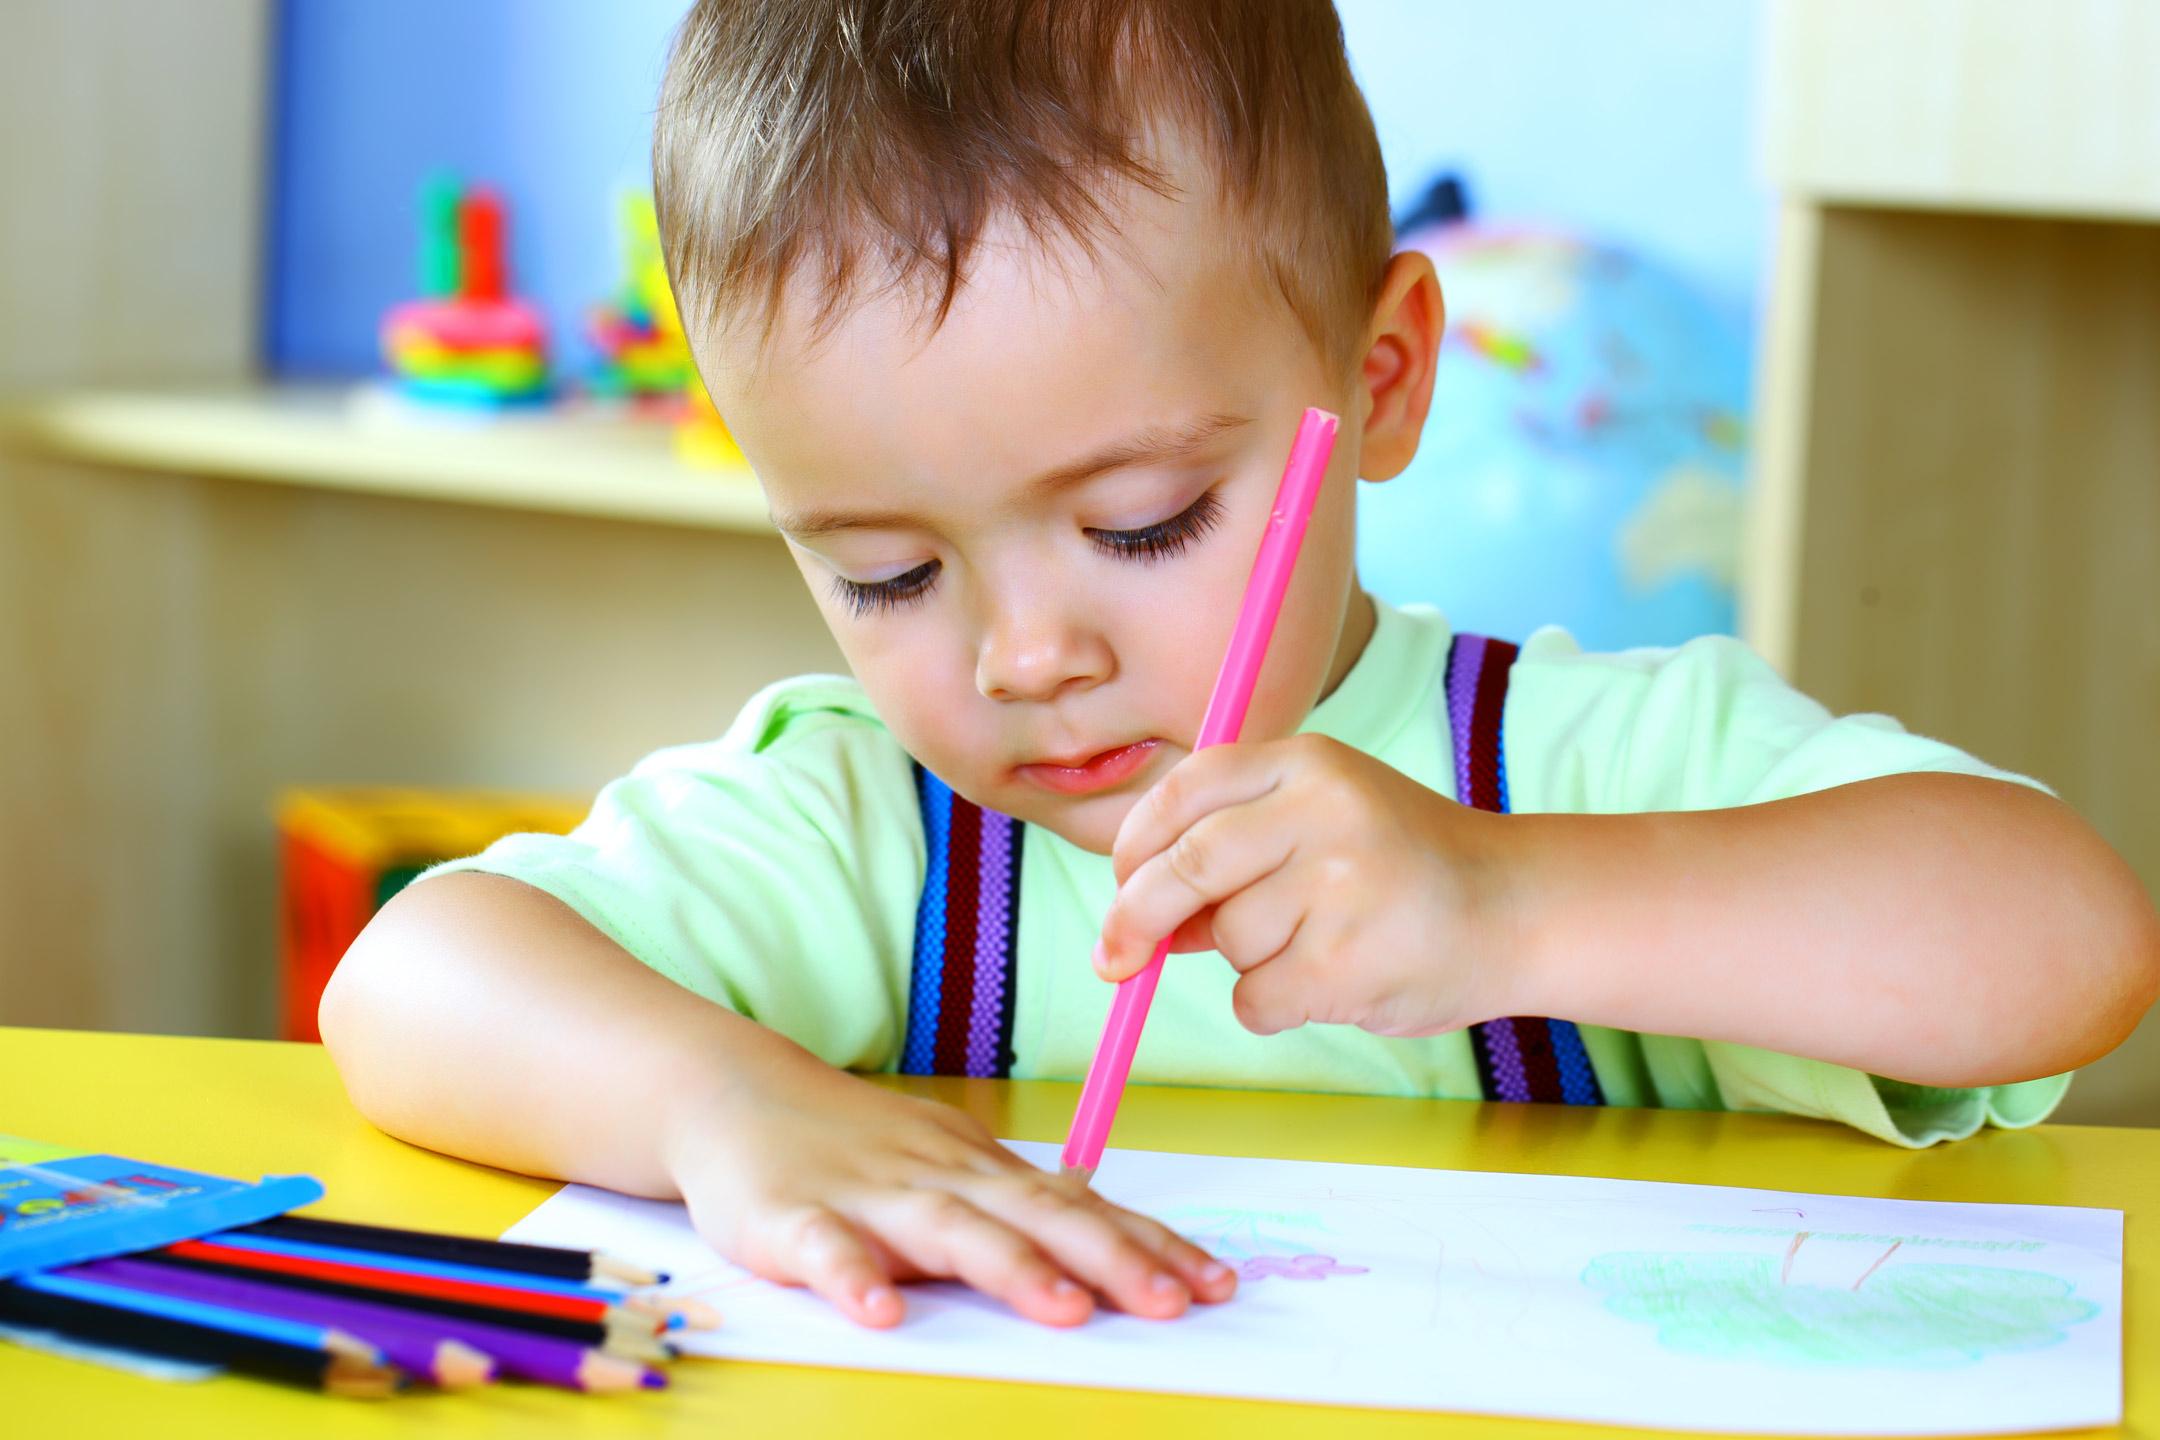 preschooler-drawing2160